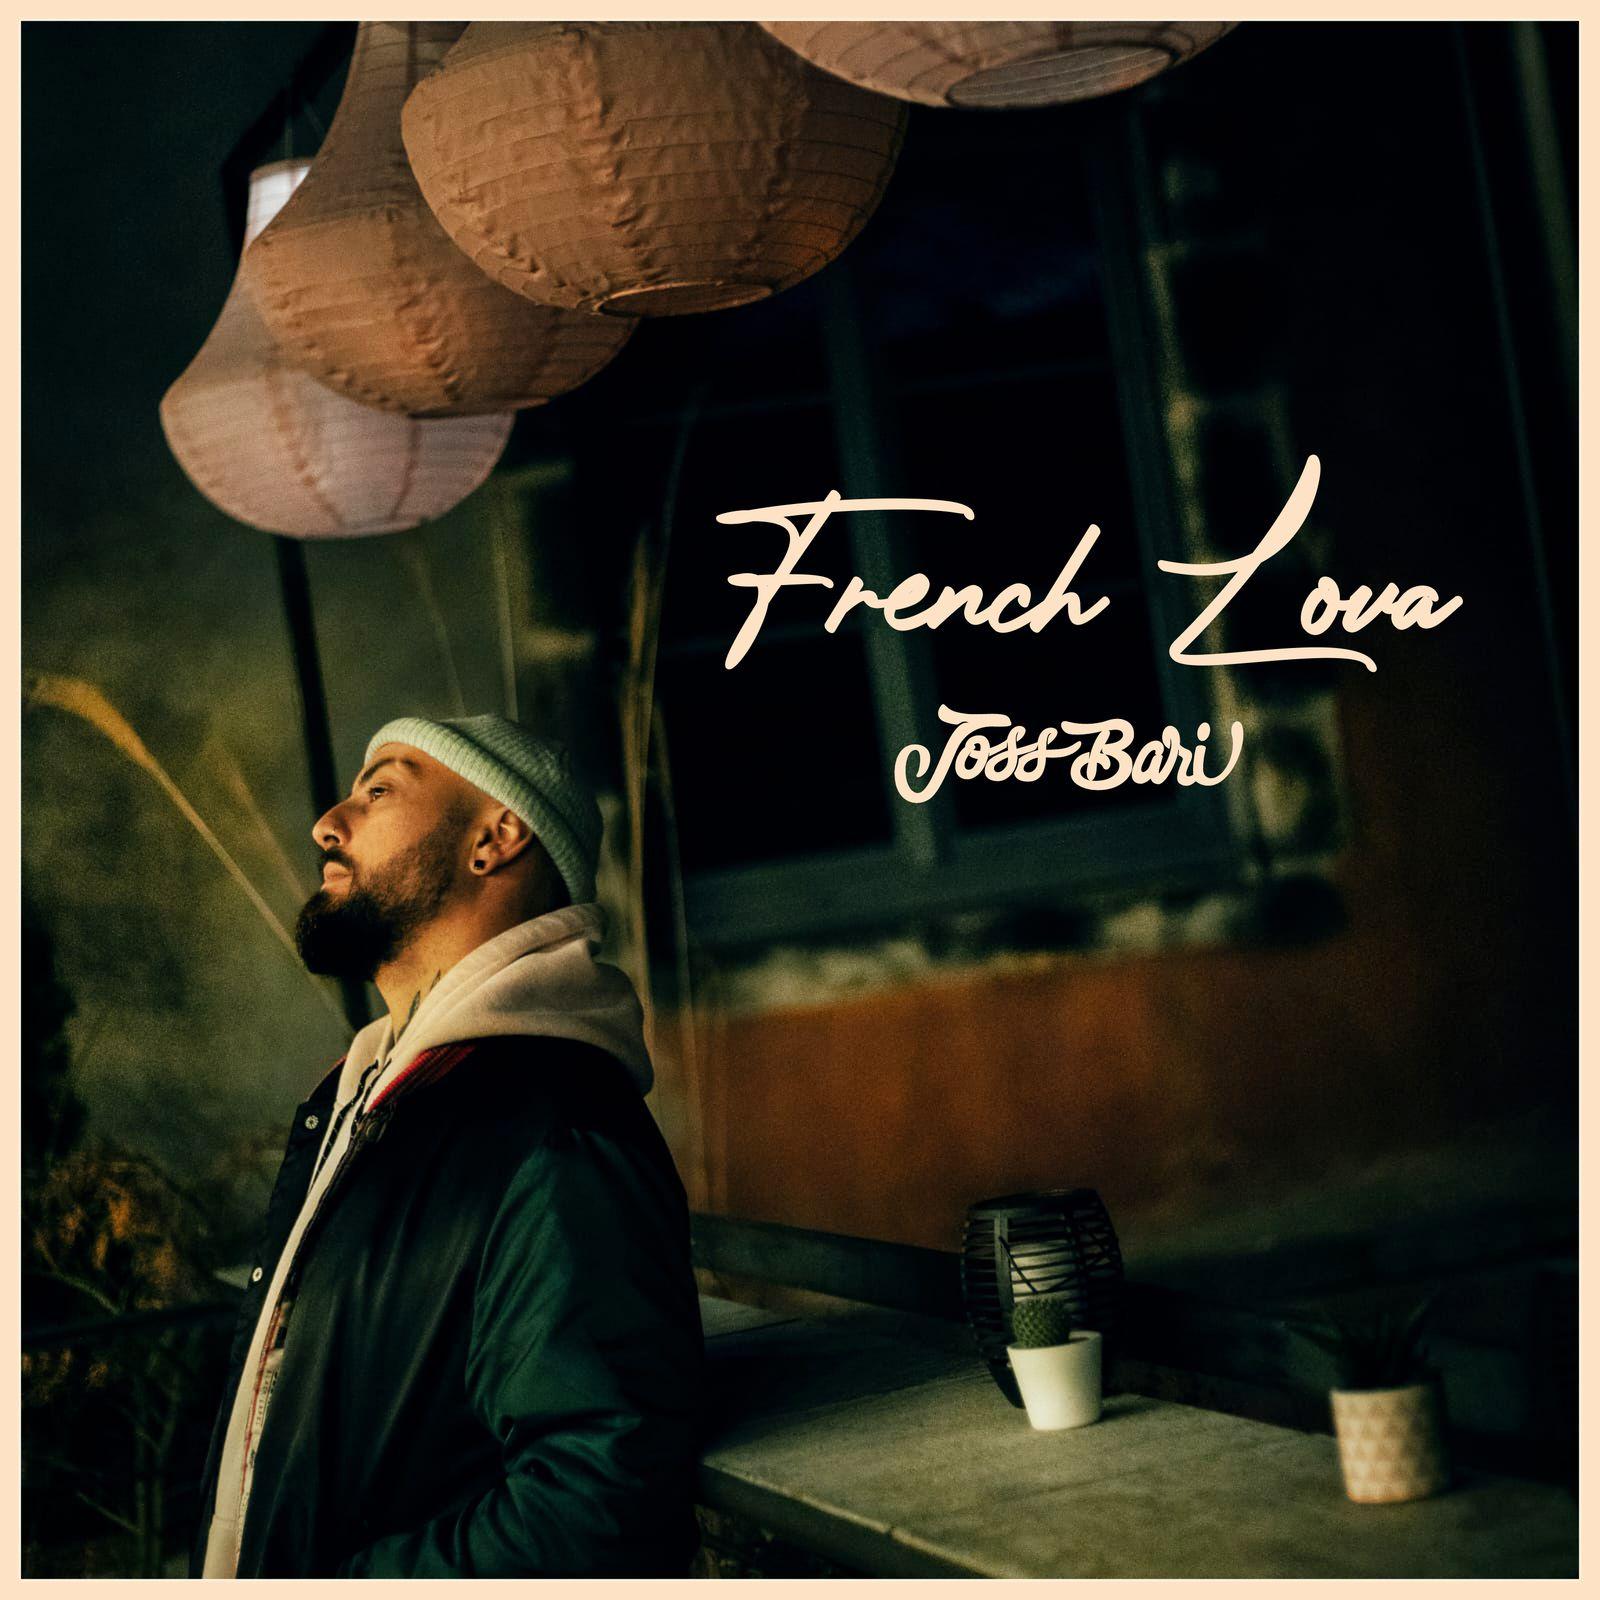 French Lova, Joss Bari, No buzz Today